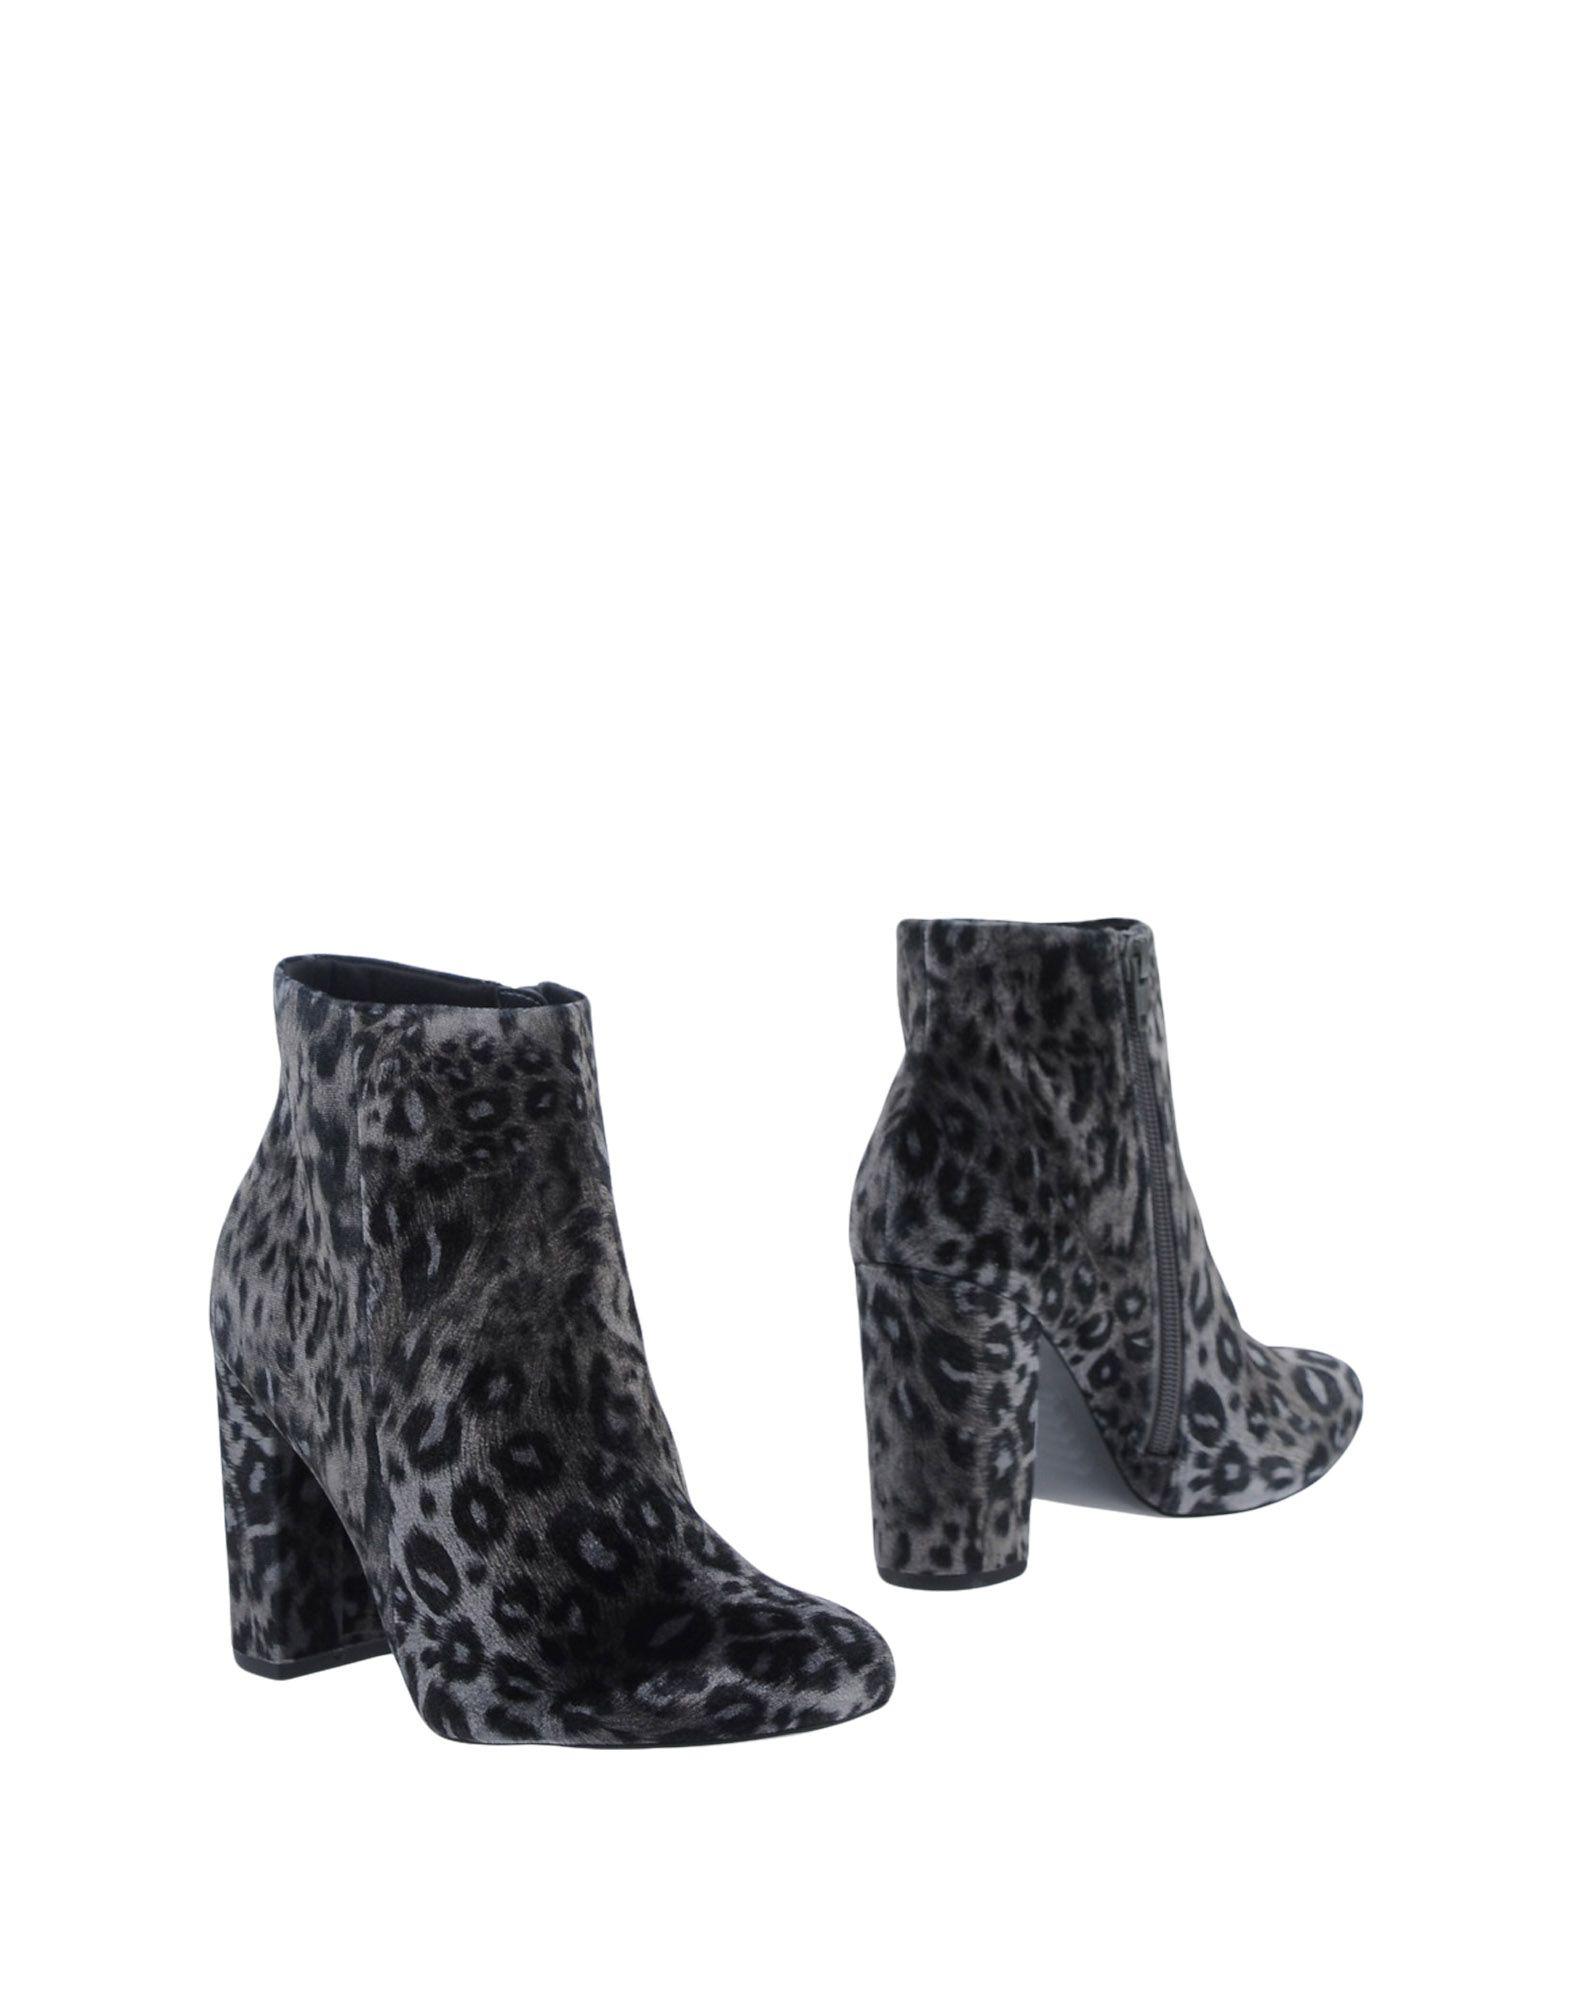 Steve Madden Stiefelette Damen  11509311MW Gute Qualität beliebte Schuhe